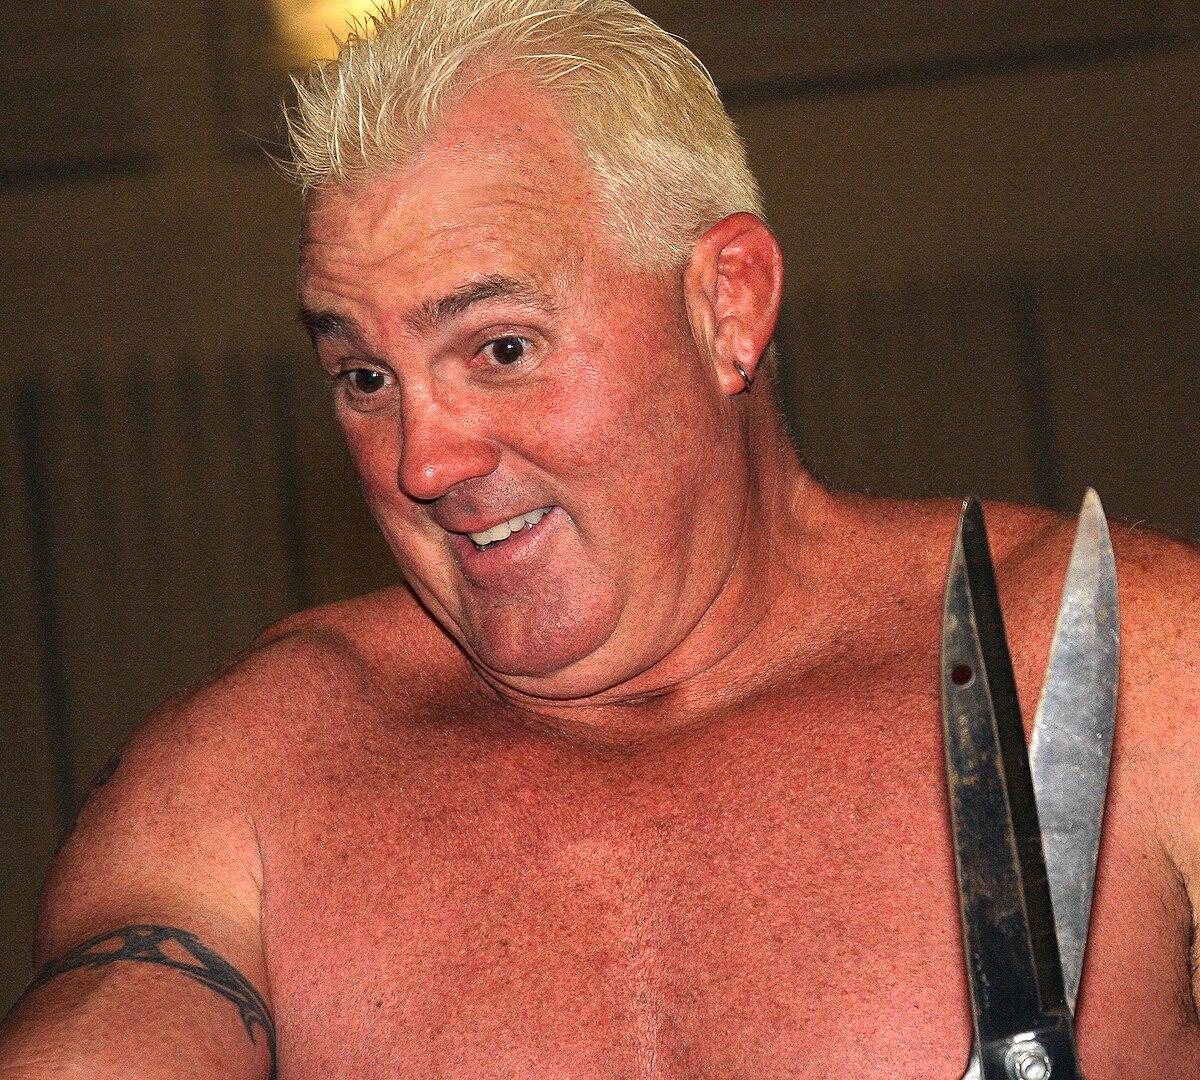 Tagli di capelli uomo wikipedia